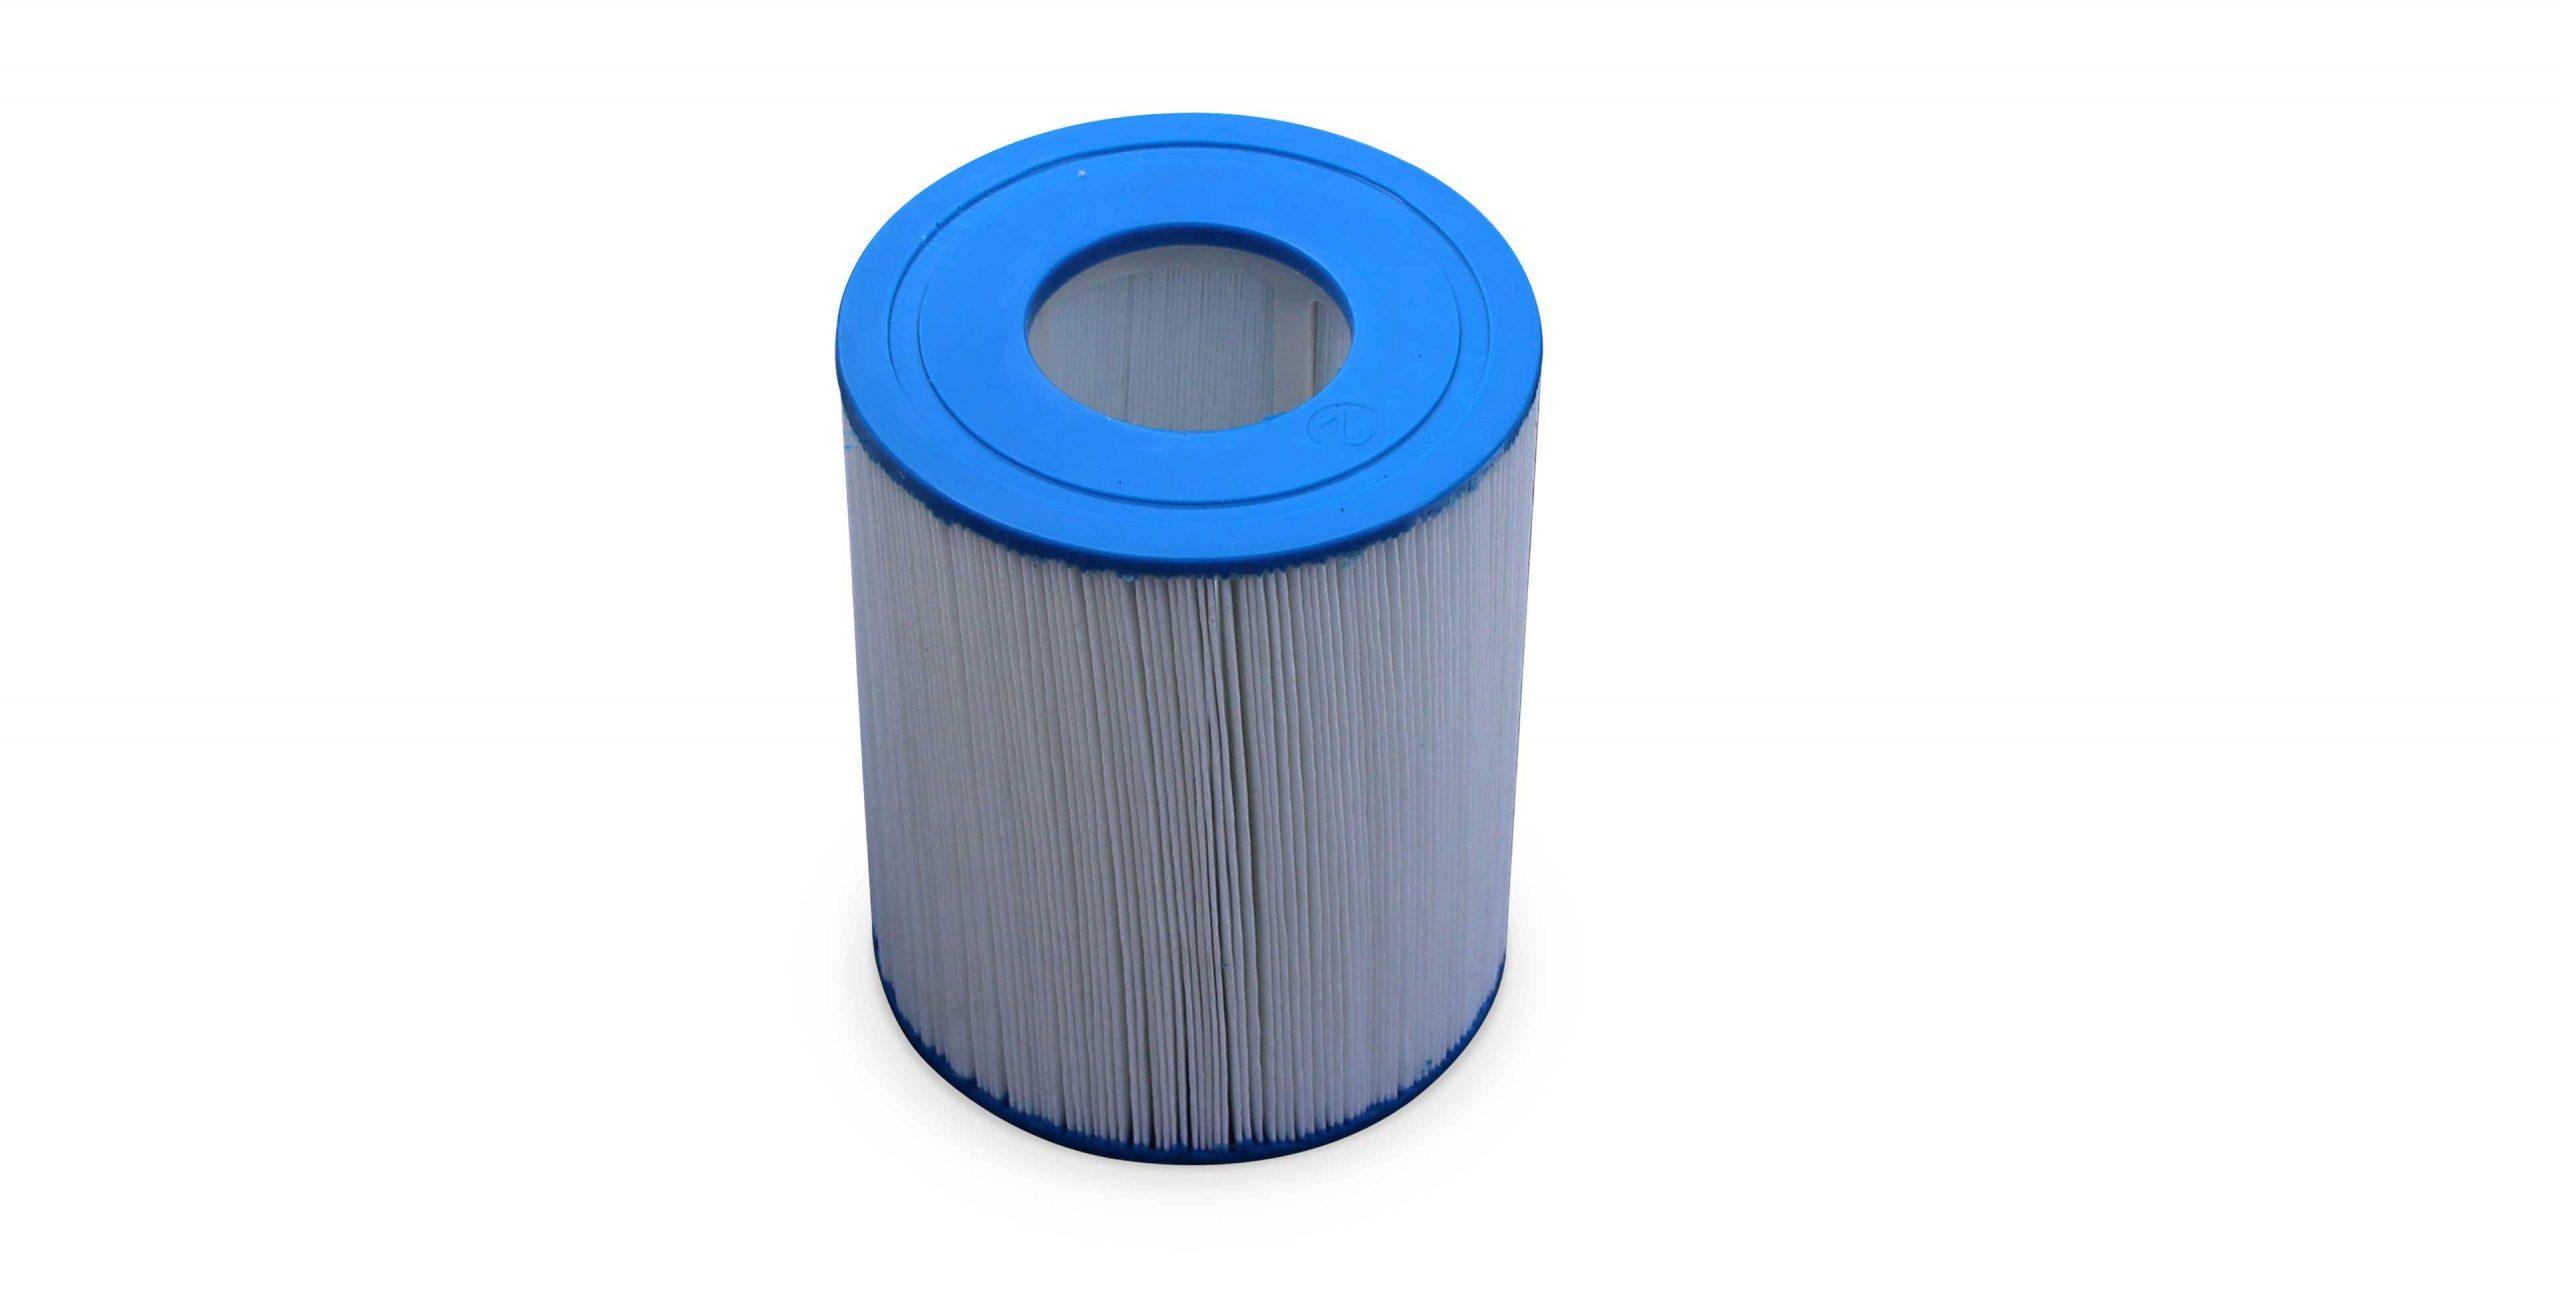 Filtre De Piscine : Utilité Et Types De Filtre - Piscine Du ... avec Filtre Pompe Piscine Intex